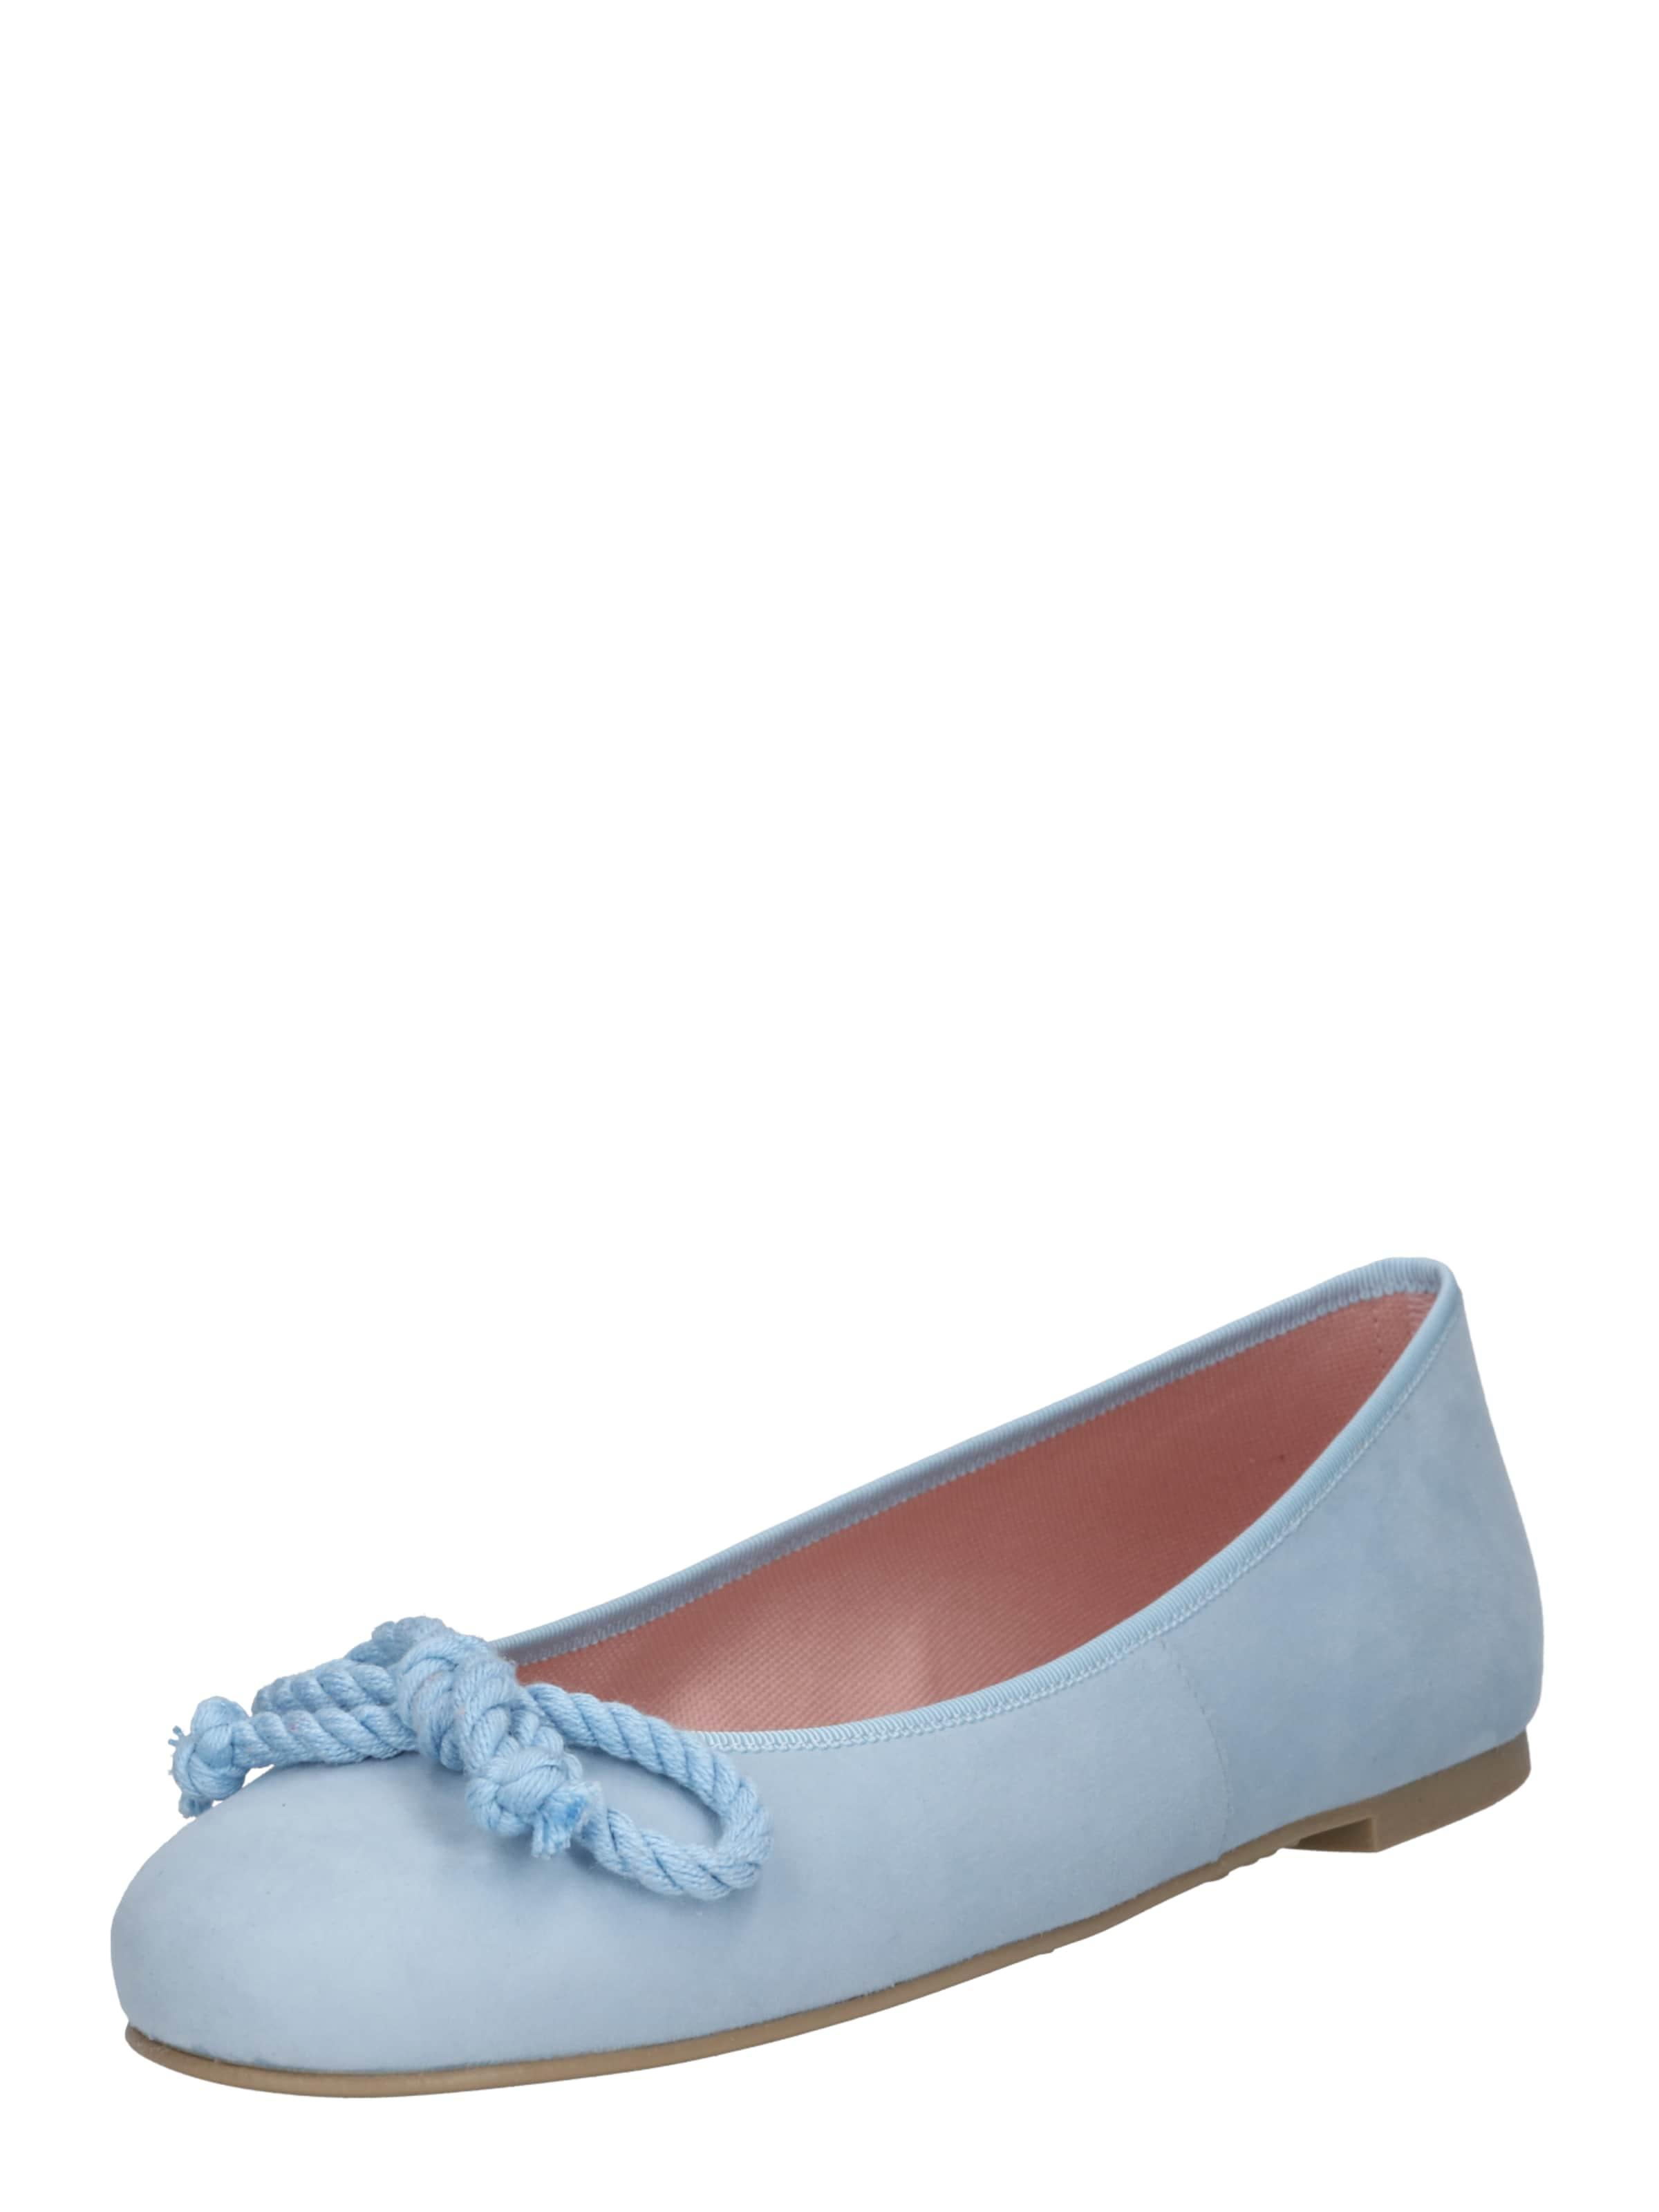 Ballerines 'angelis' En Clair Pretty Bleu Ballerinas NOnv80wm